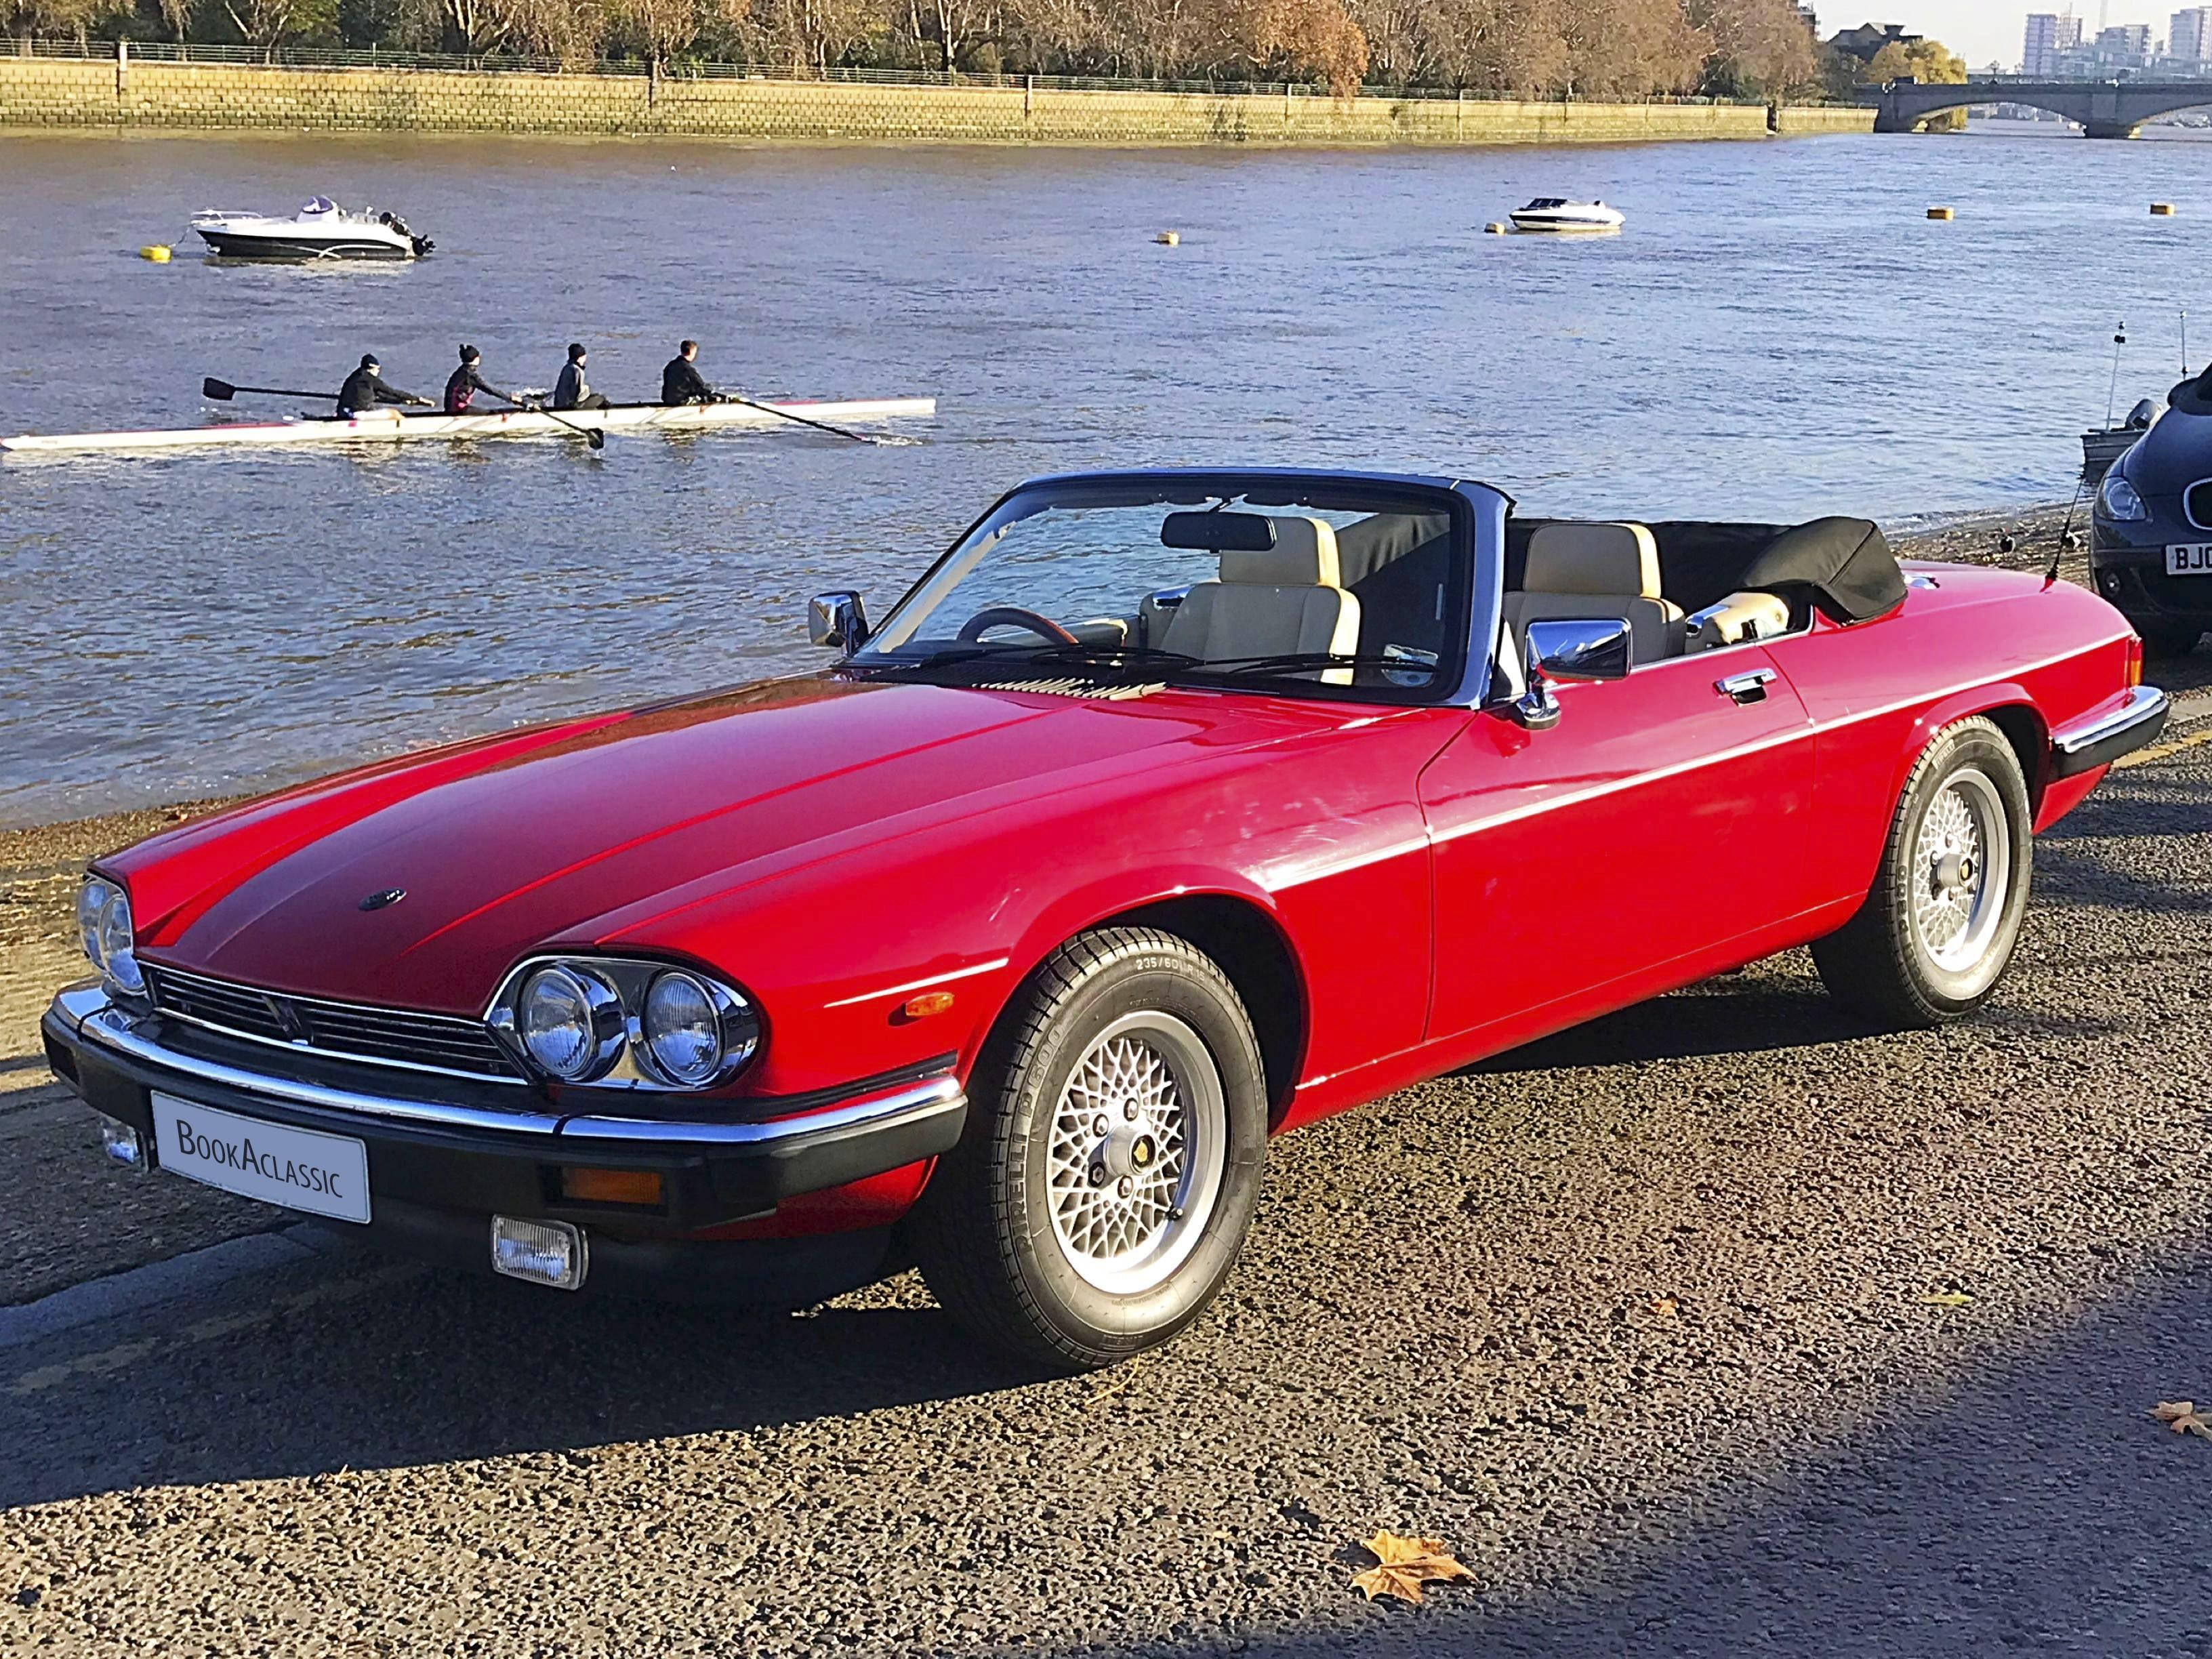 Jaguar Xjs Convertible Hire London